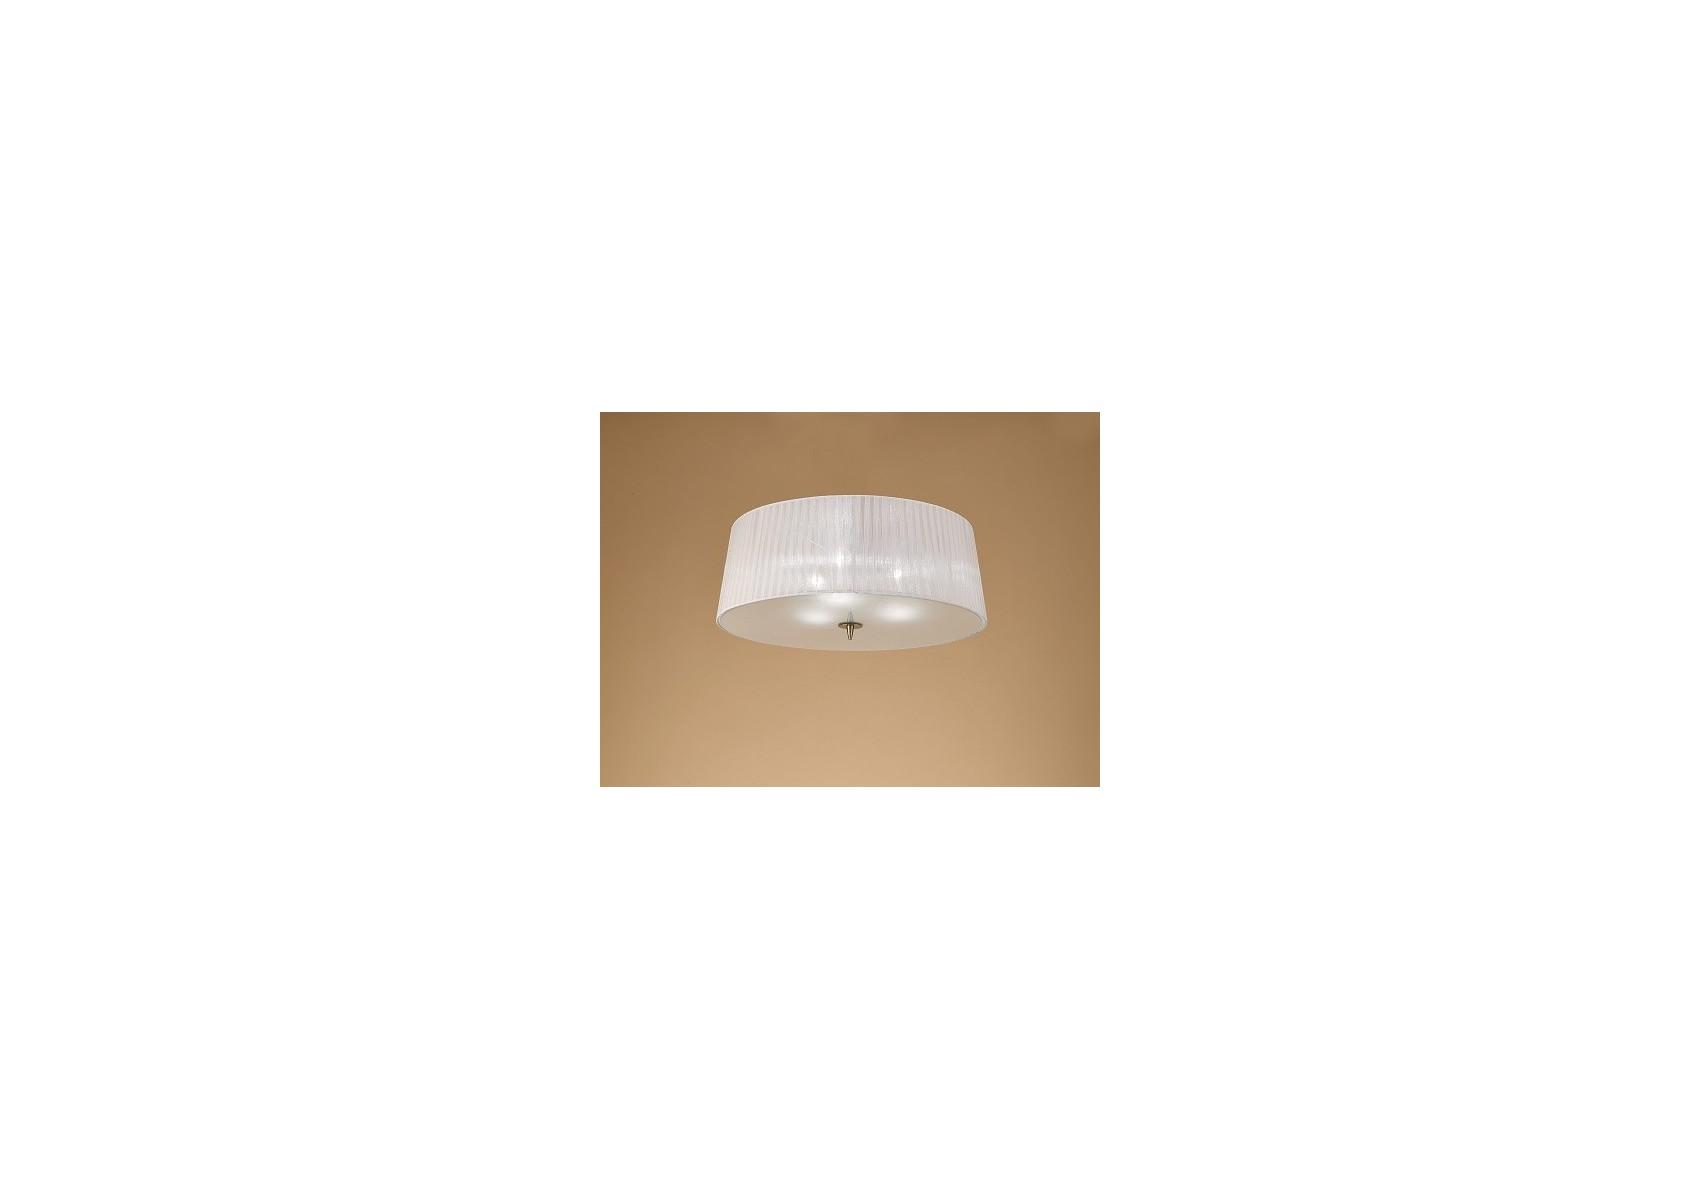 Plafonnier design Loewe 3 Lampes Boite à design